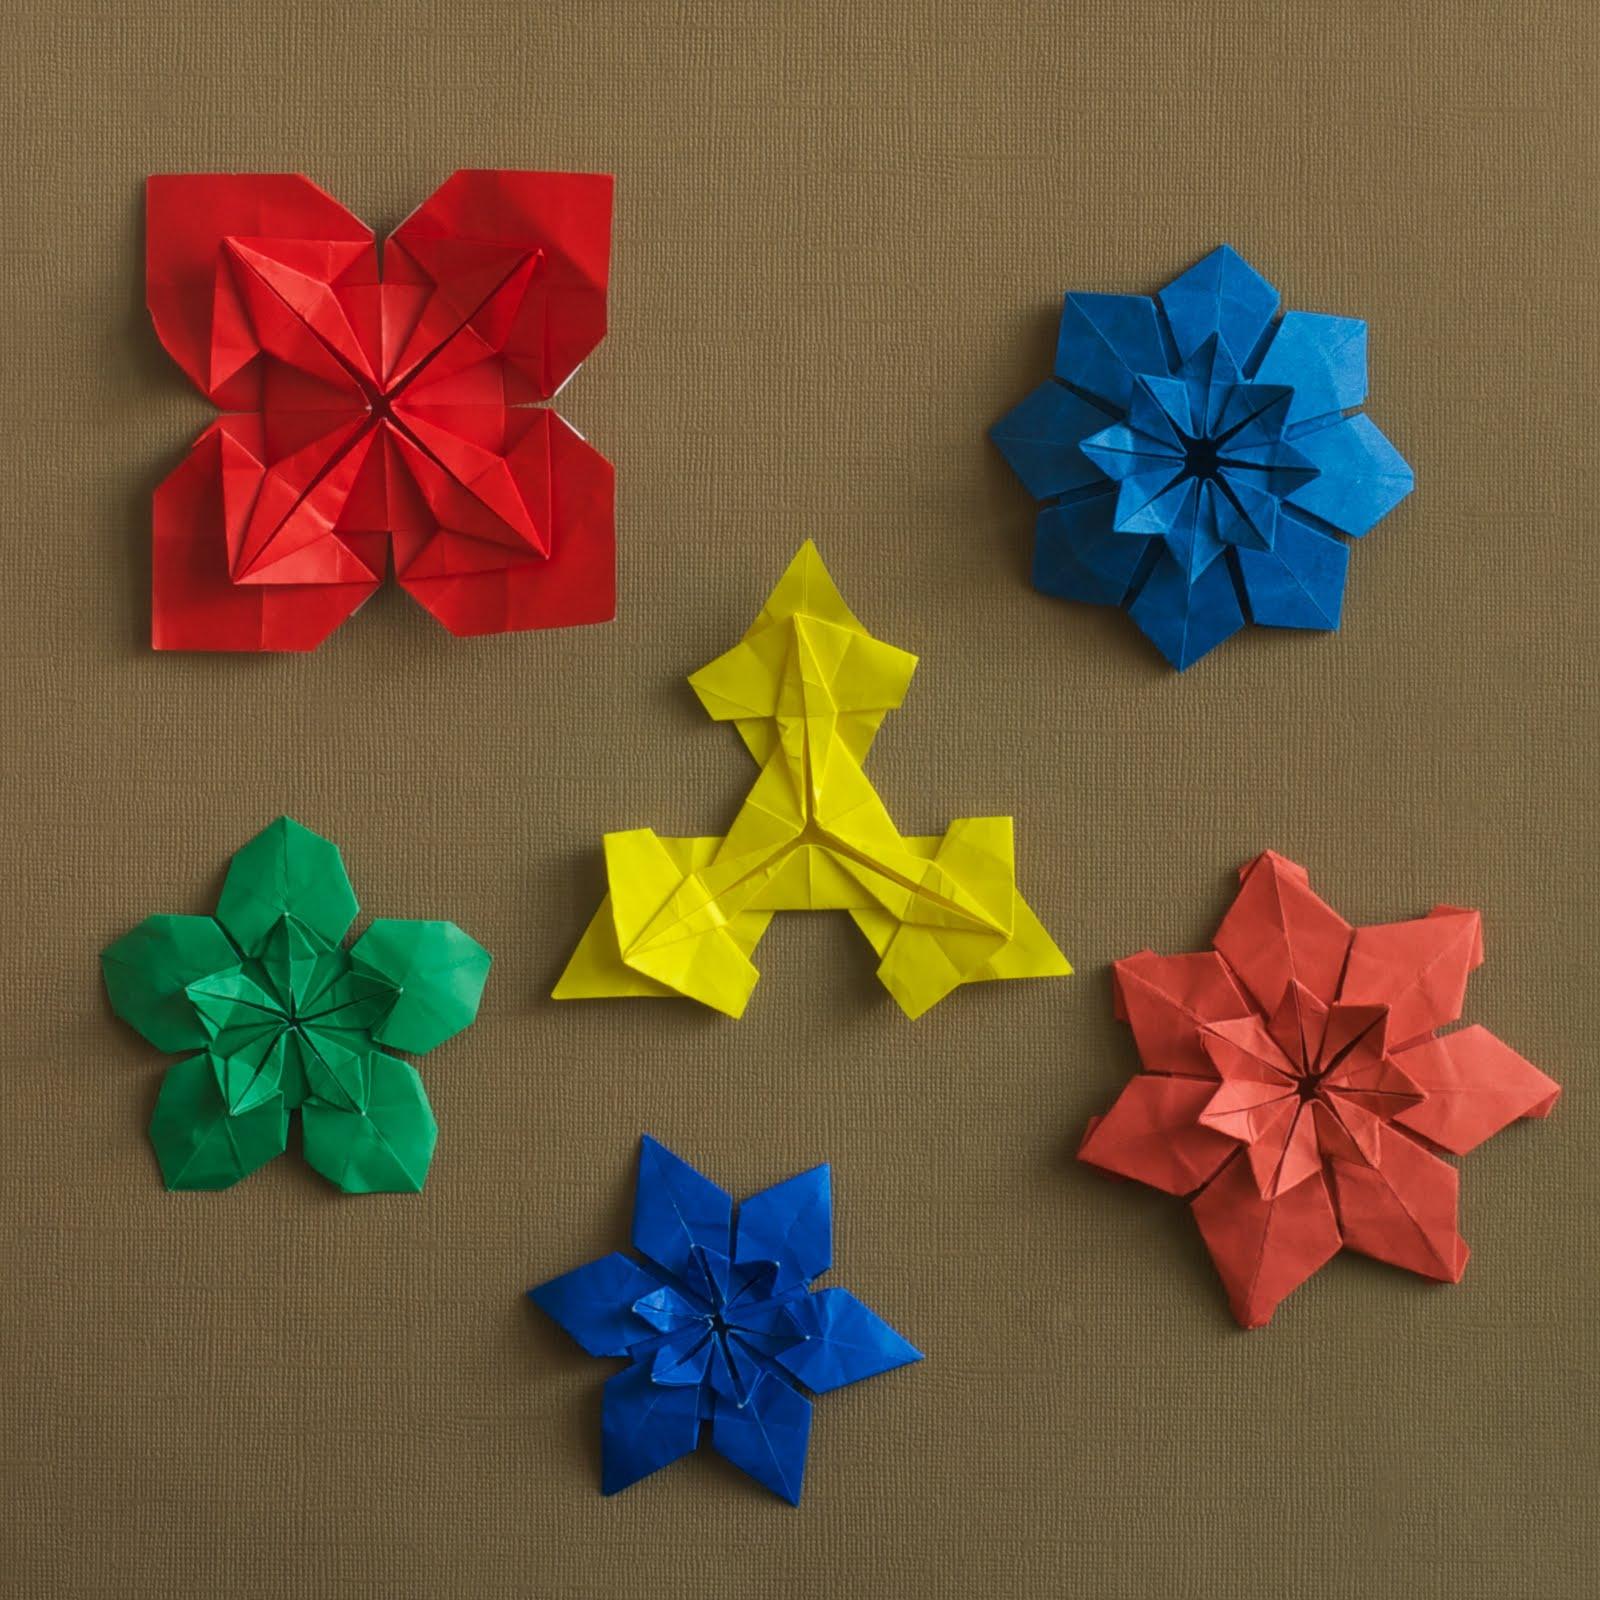 Origami Artis Bellus 2011